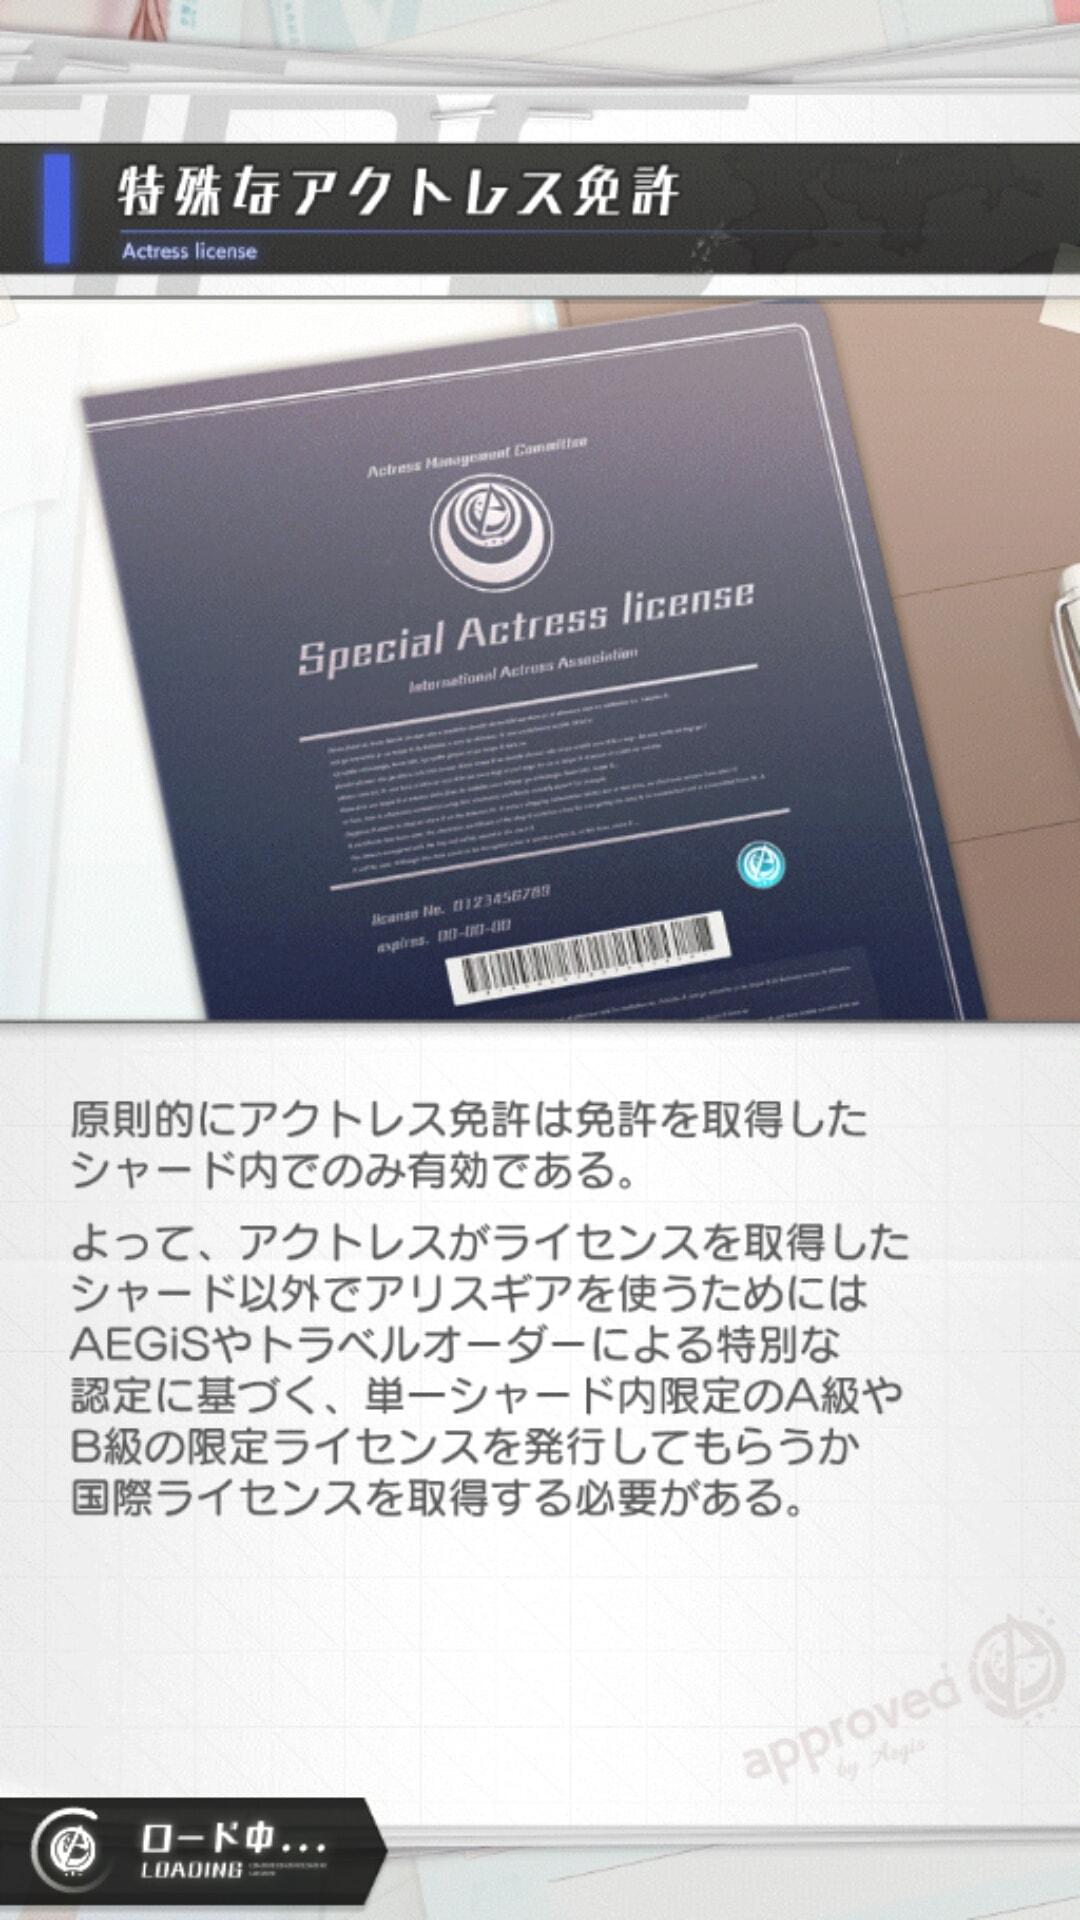 特殊なアクトレス免許.jpg